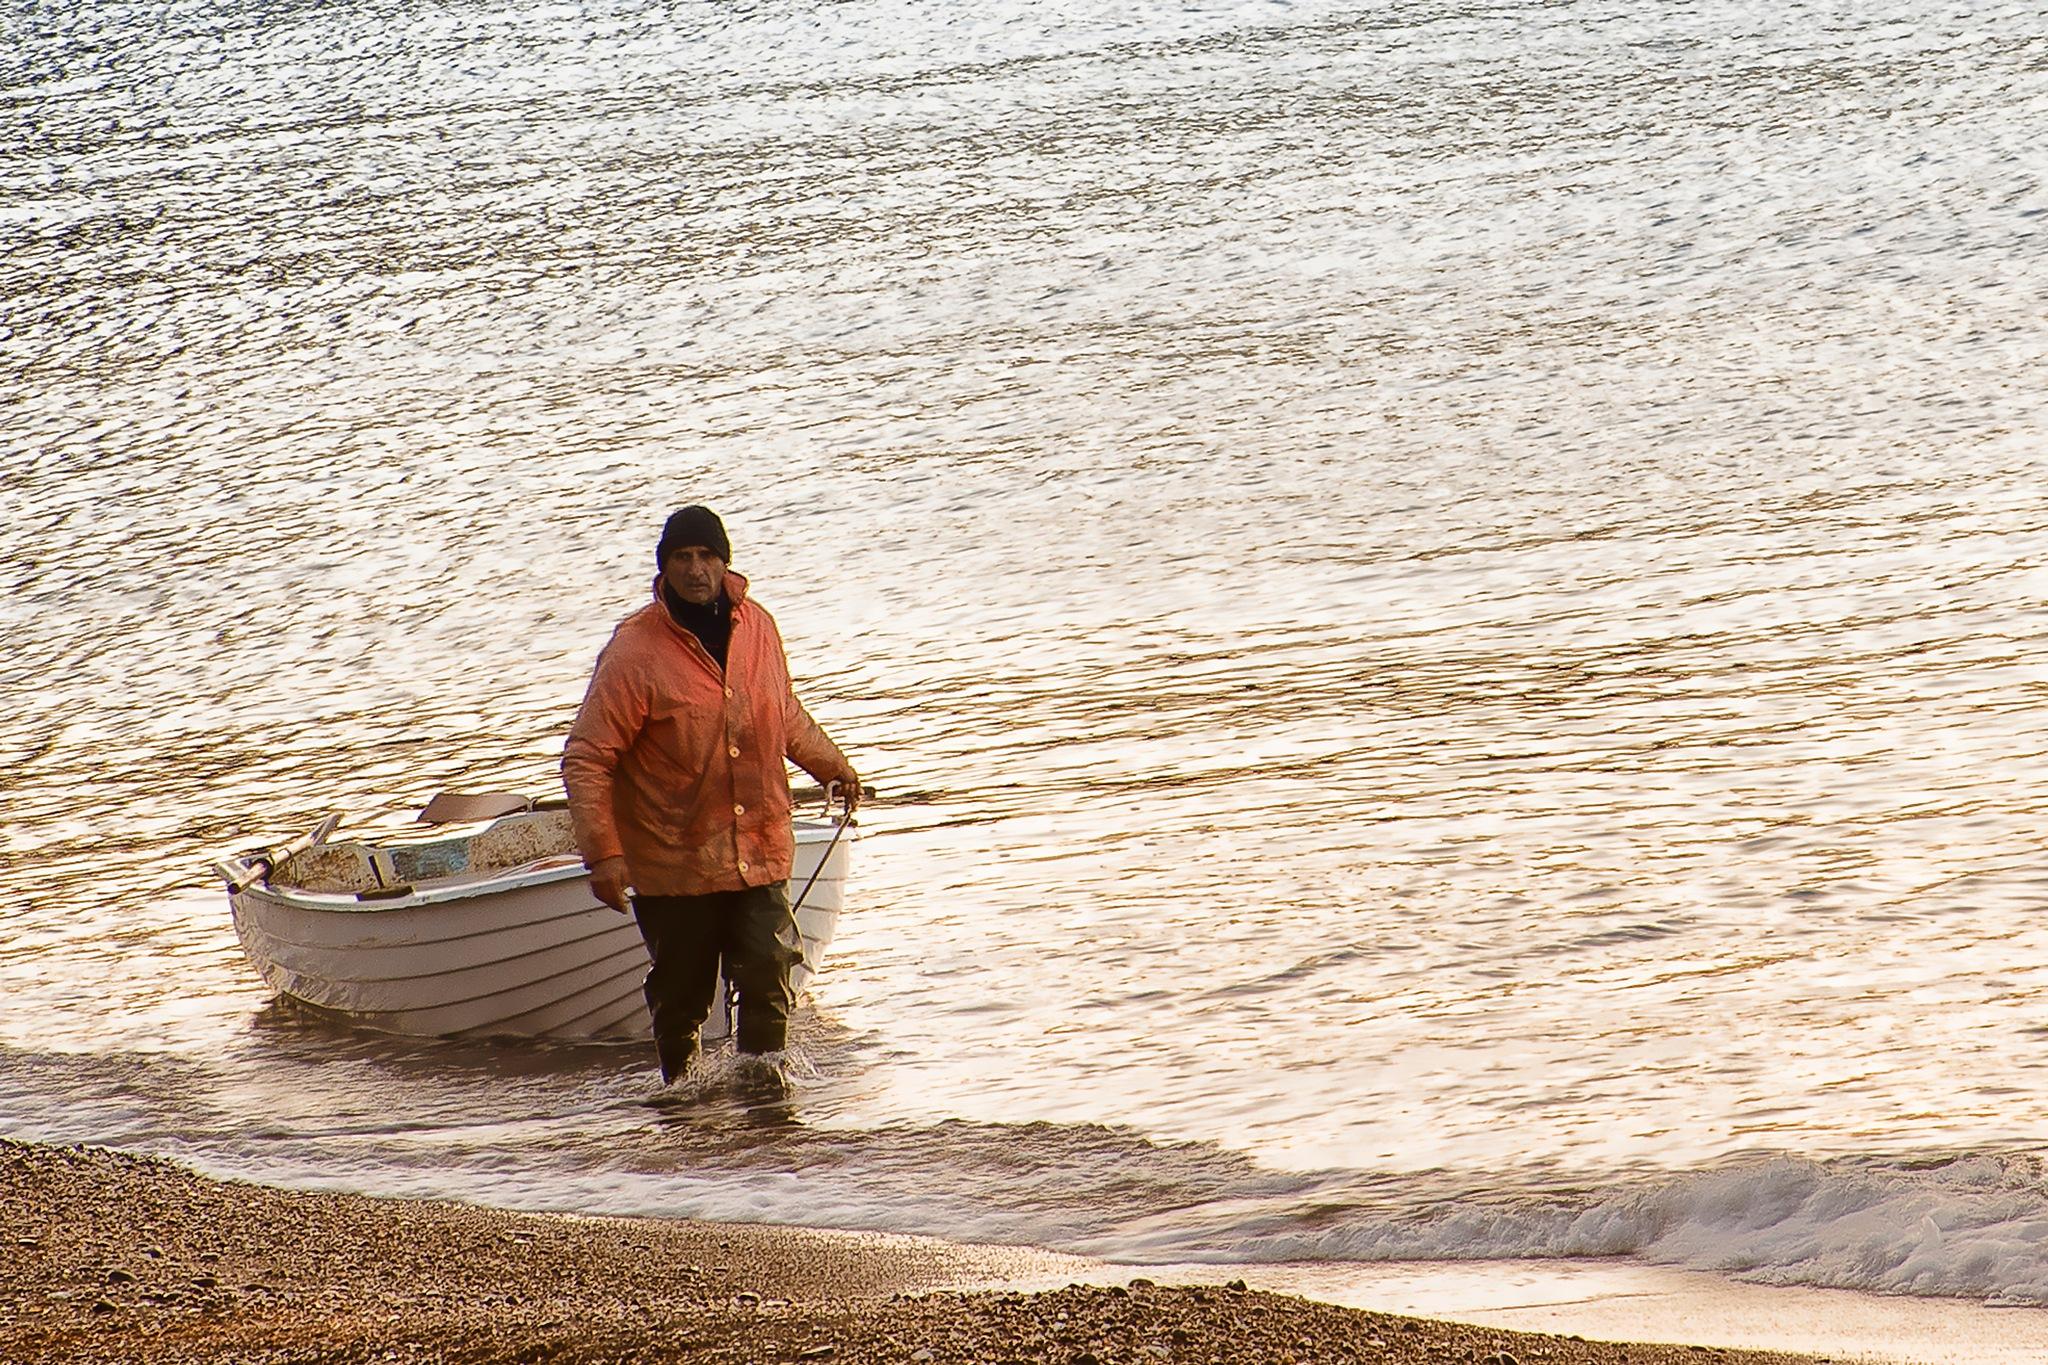 Photo in Random #landing at dawn #sbarco all'alba #fisherman #boat #shoreline #beach #sea #ernesto amato